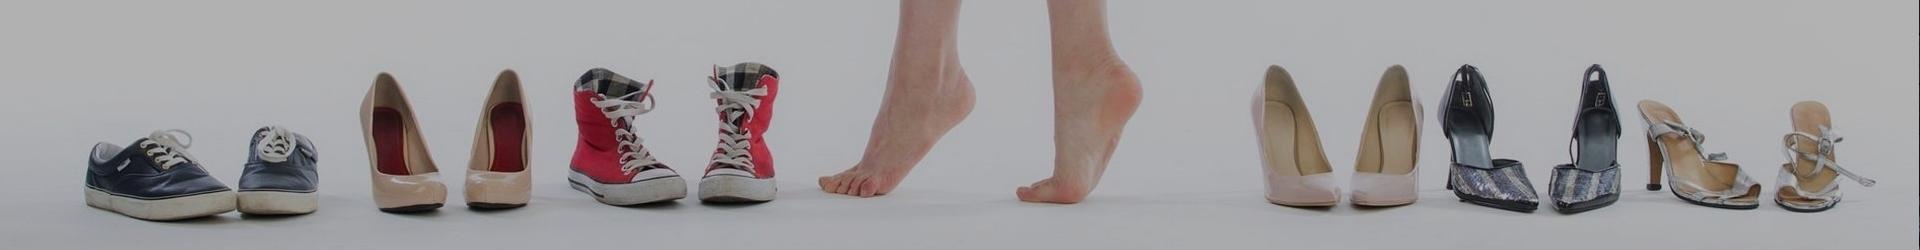 Collezione calzature per donna qualità made in italy